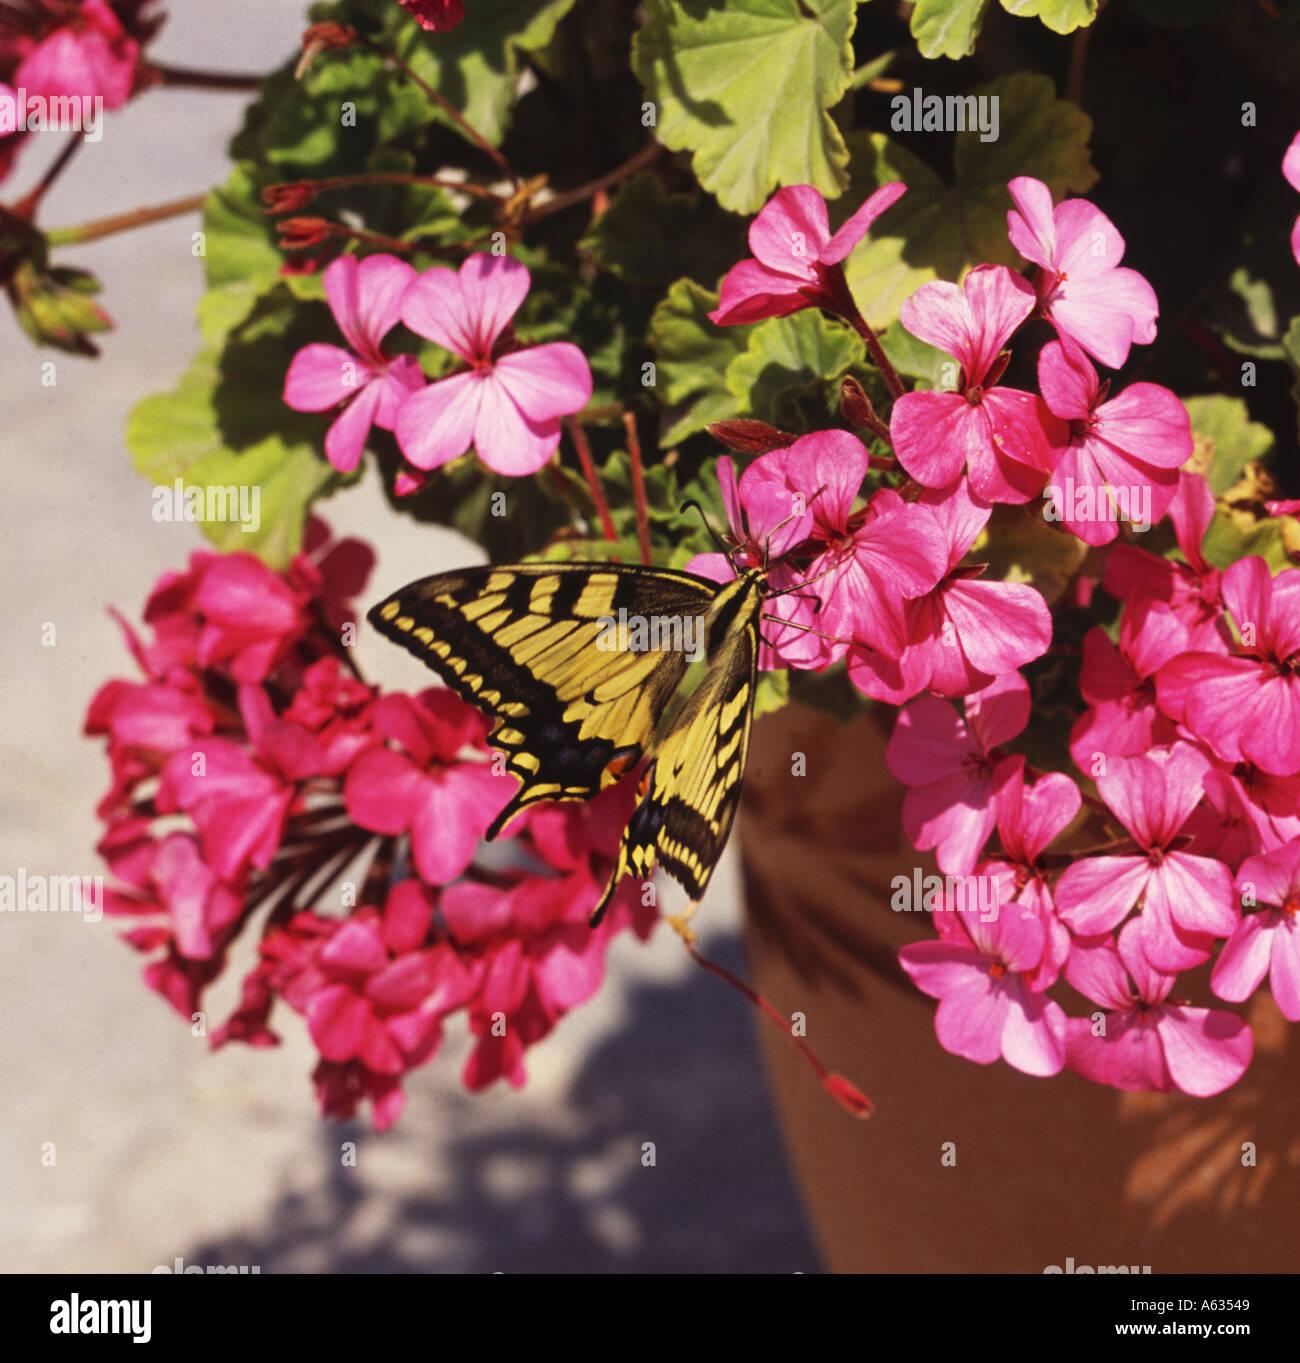 Jaune et Noir exotique swallowtail butterfly Papilio machaon sur géraniums en pot de fleurs l'île de Zakynthos les îles Grecques Banque D'Images